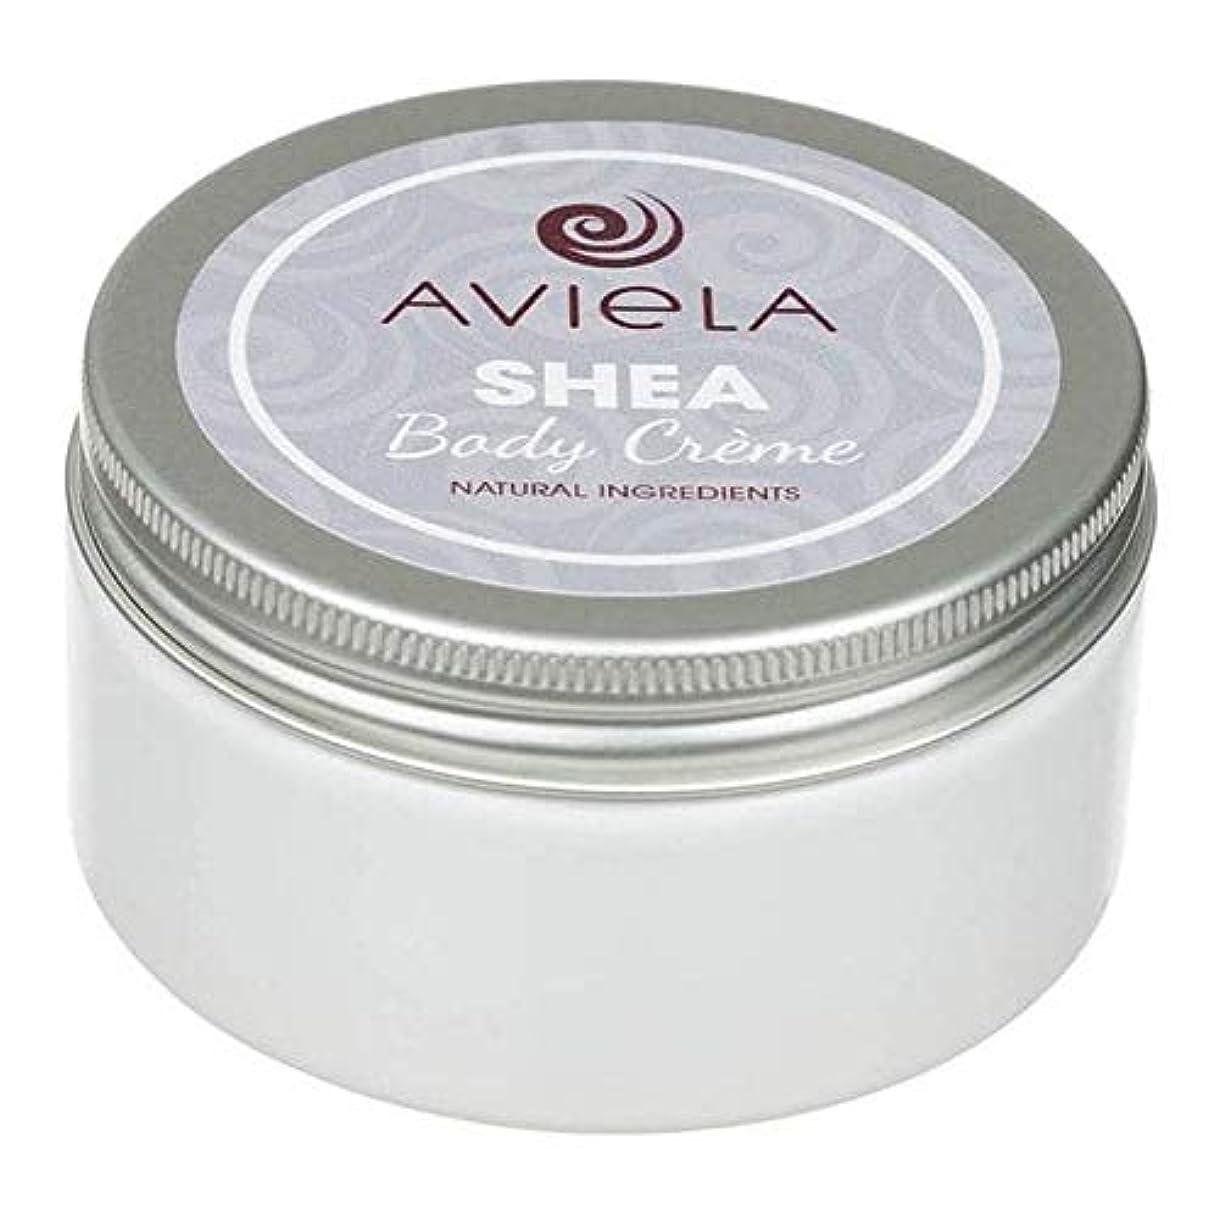 王位囲む剥離[Aviela] Avielaシアボディクリーム200グラム - Aviela Shea Body Creme 200g [並行輸入品]